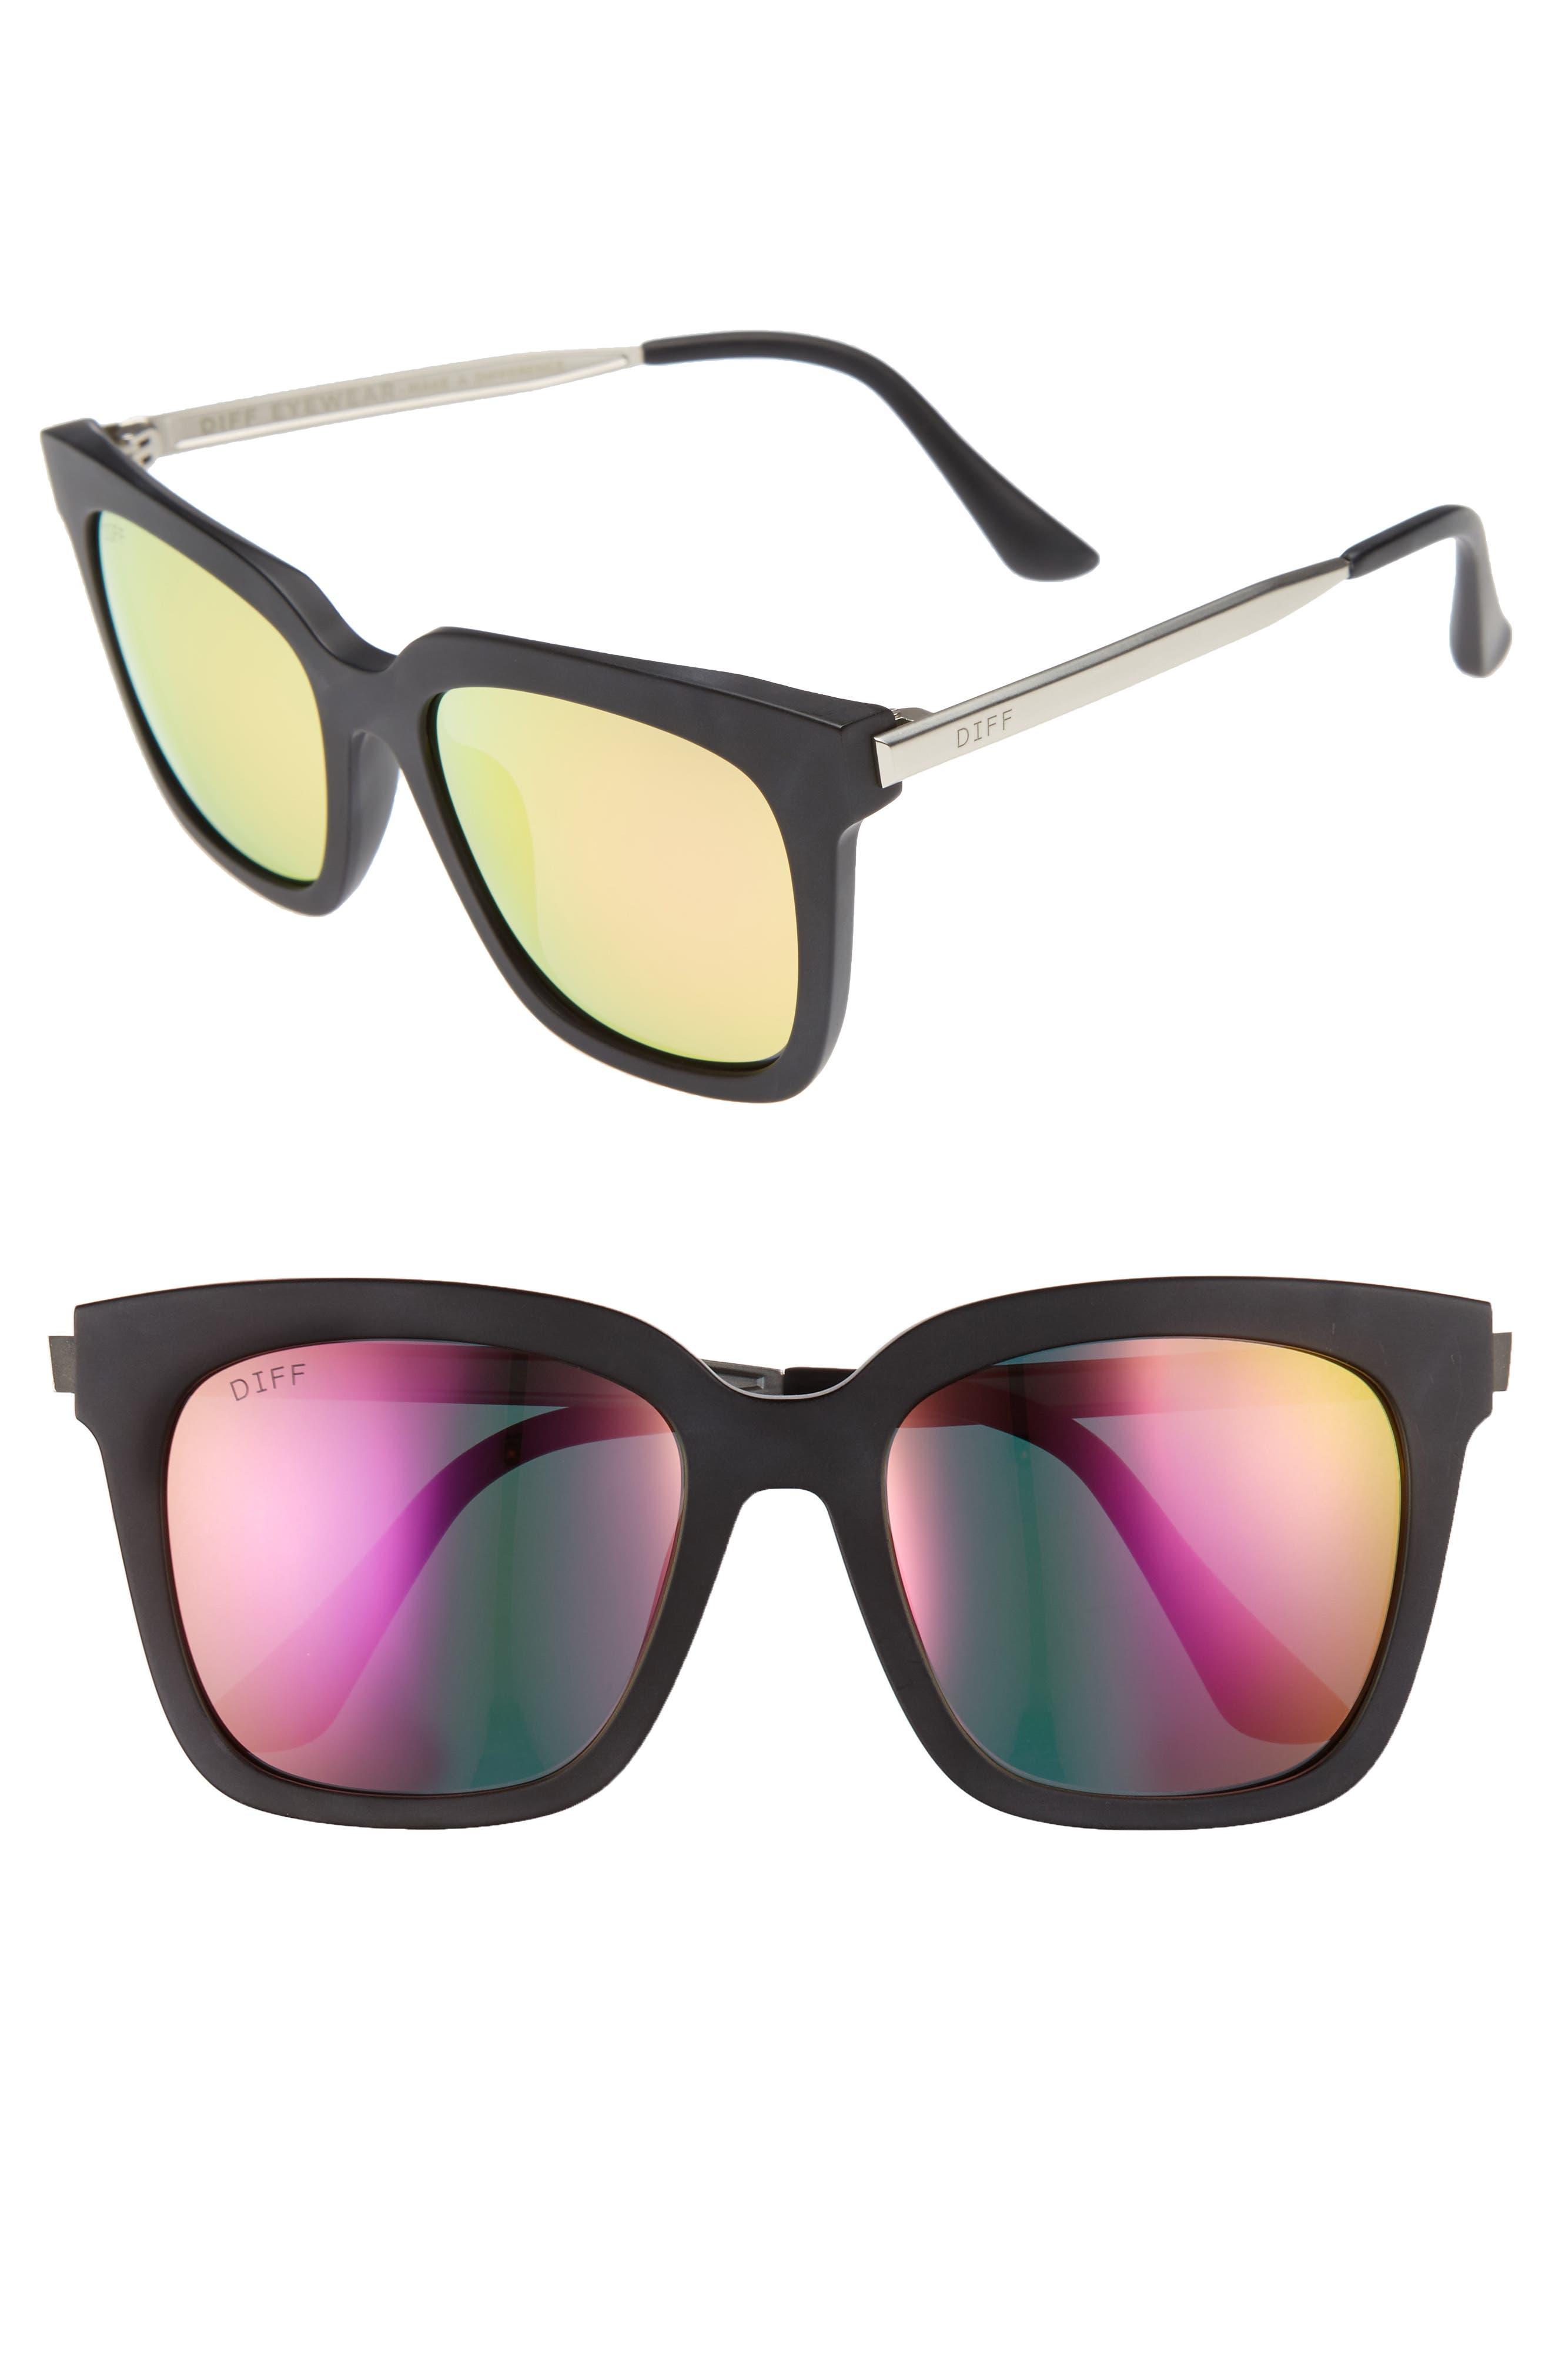 DIFF Bella 52mm Polarized Sunglasses